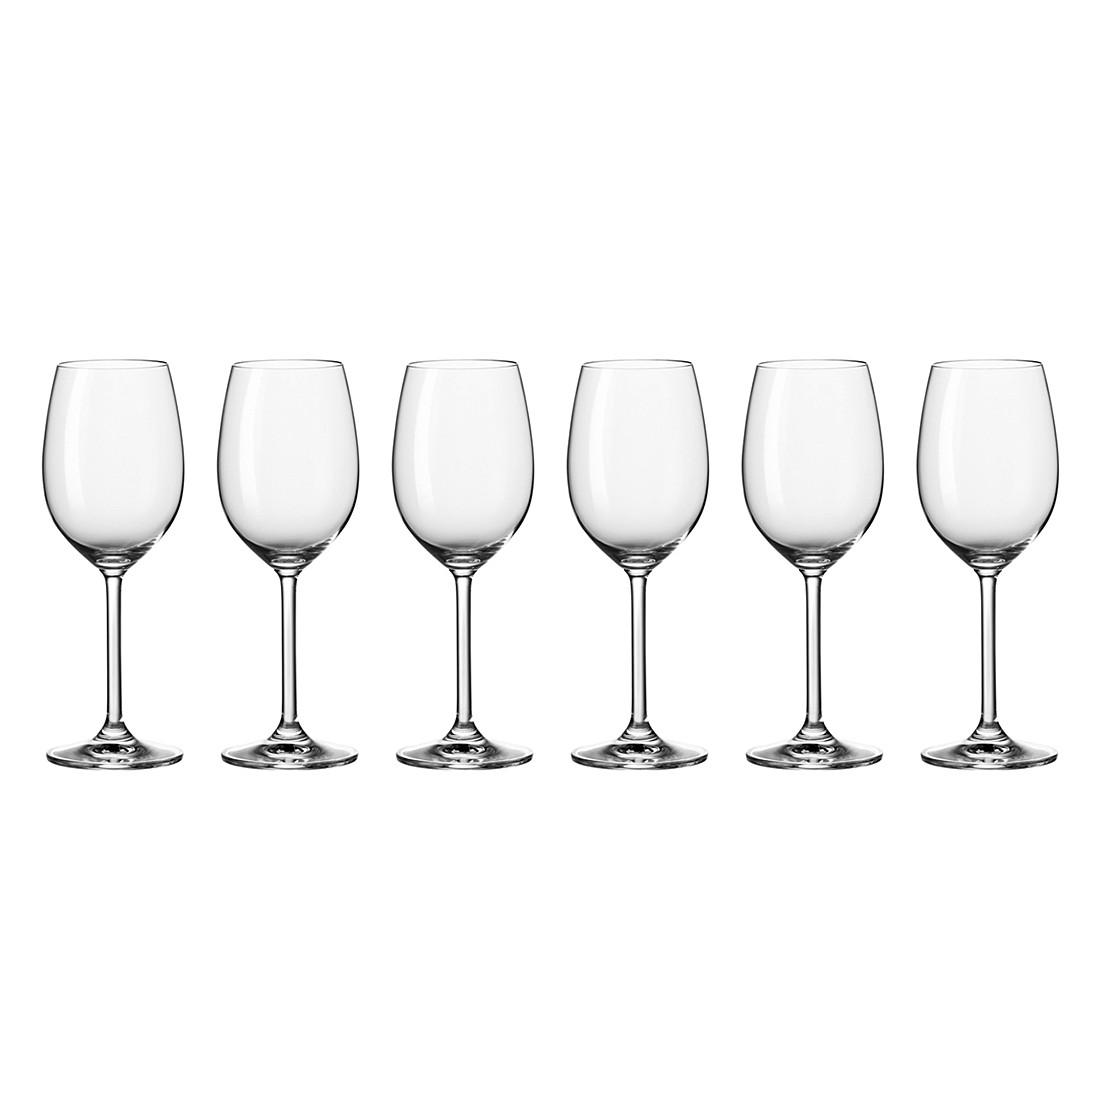 Weißweinglas Daily (6er-Set) – Klar, Leonardo günstig online kaufen